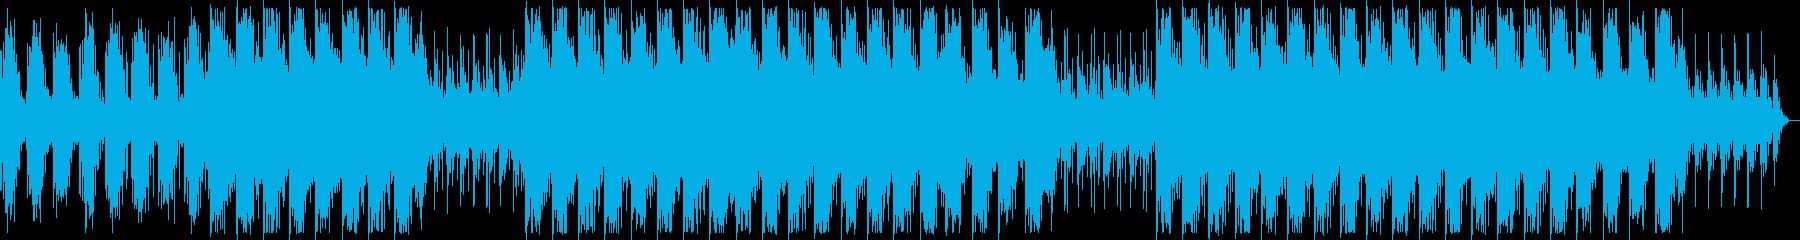 幻想的でダークなBGM ロング・メロ無しの再生済みの波形